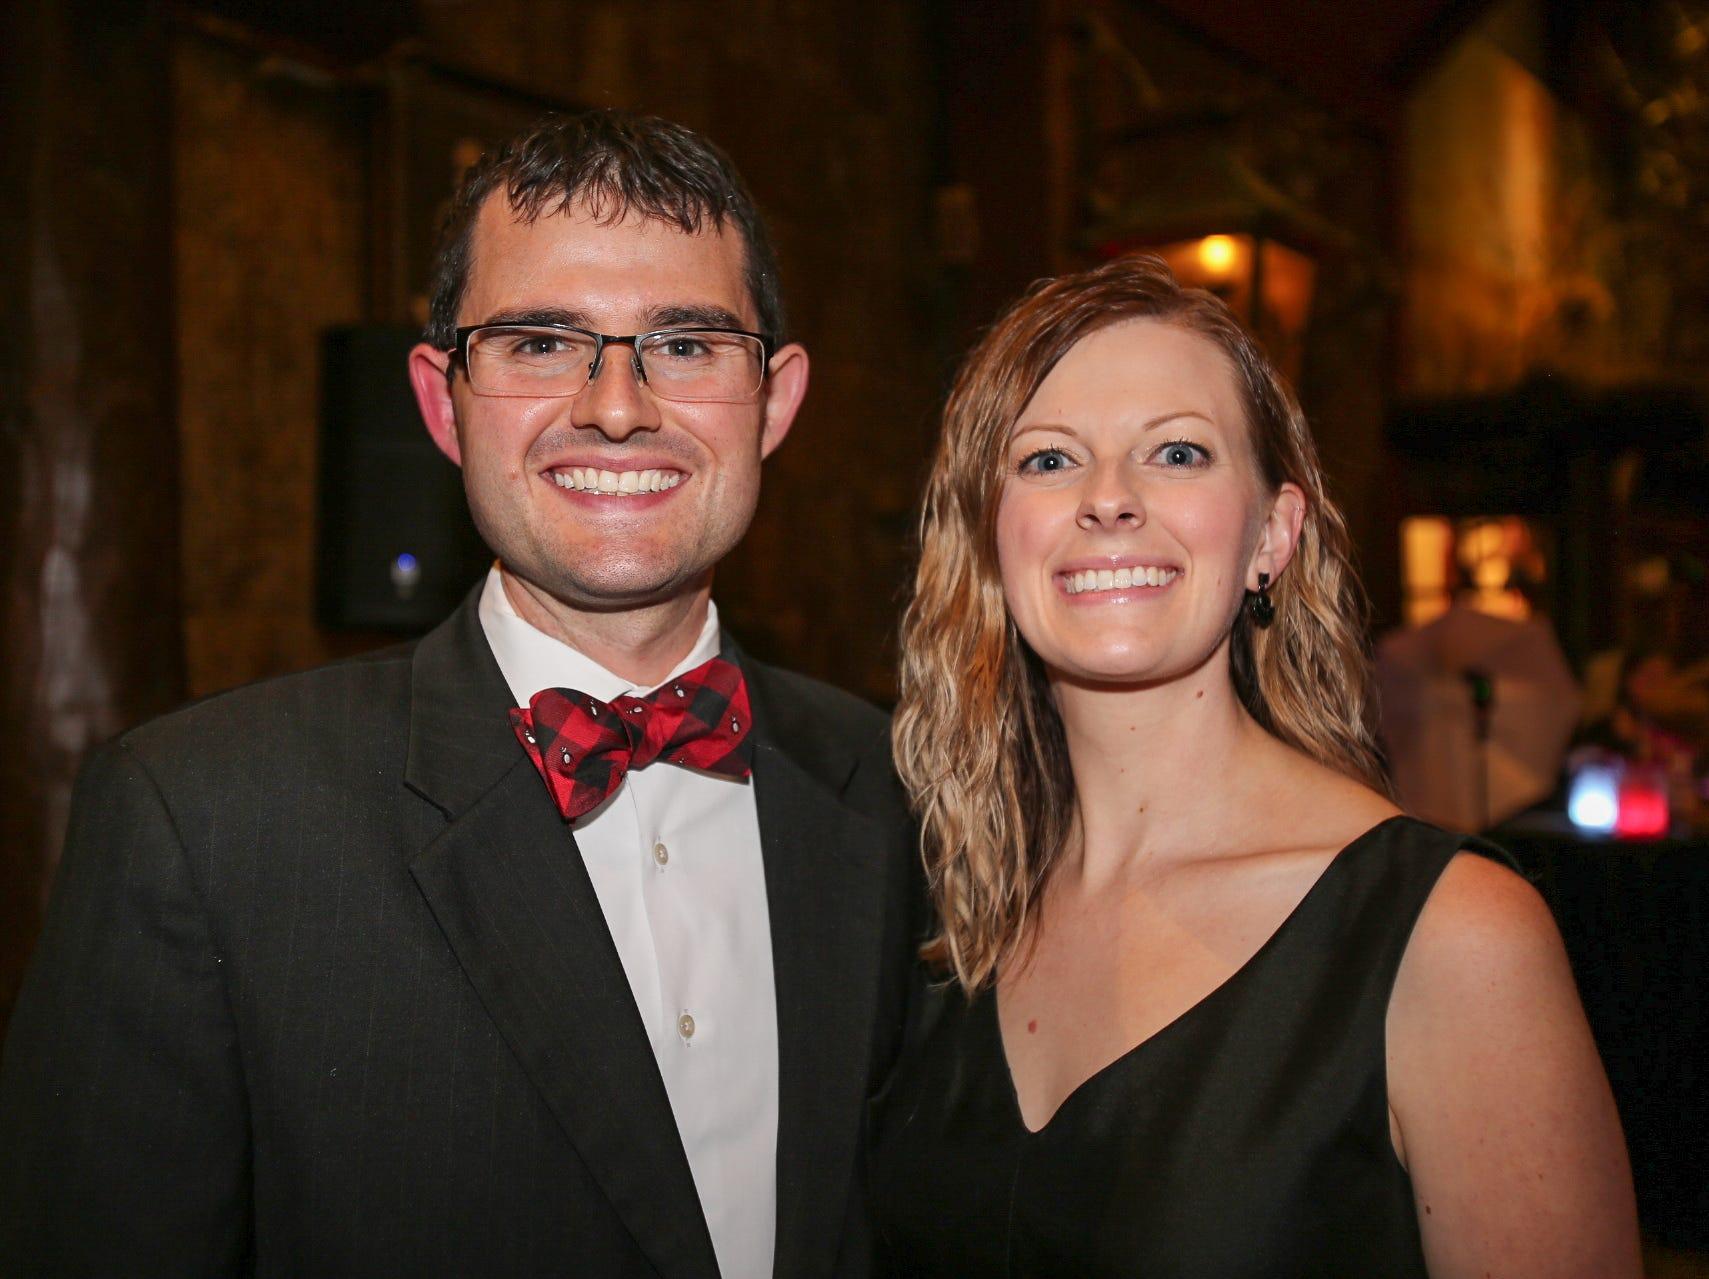 Zach and Lindsey Swartz